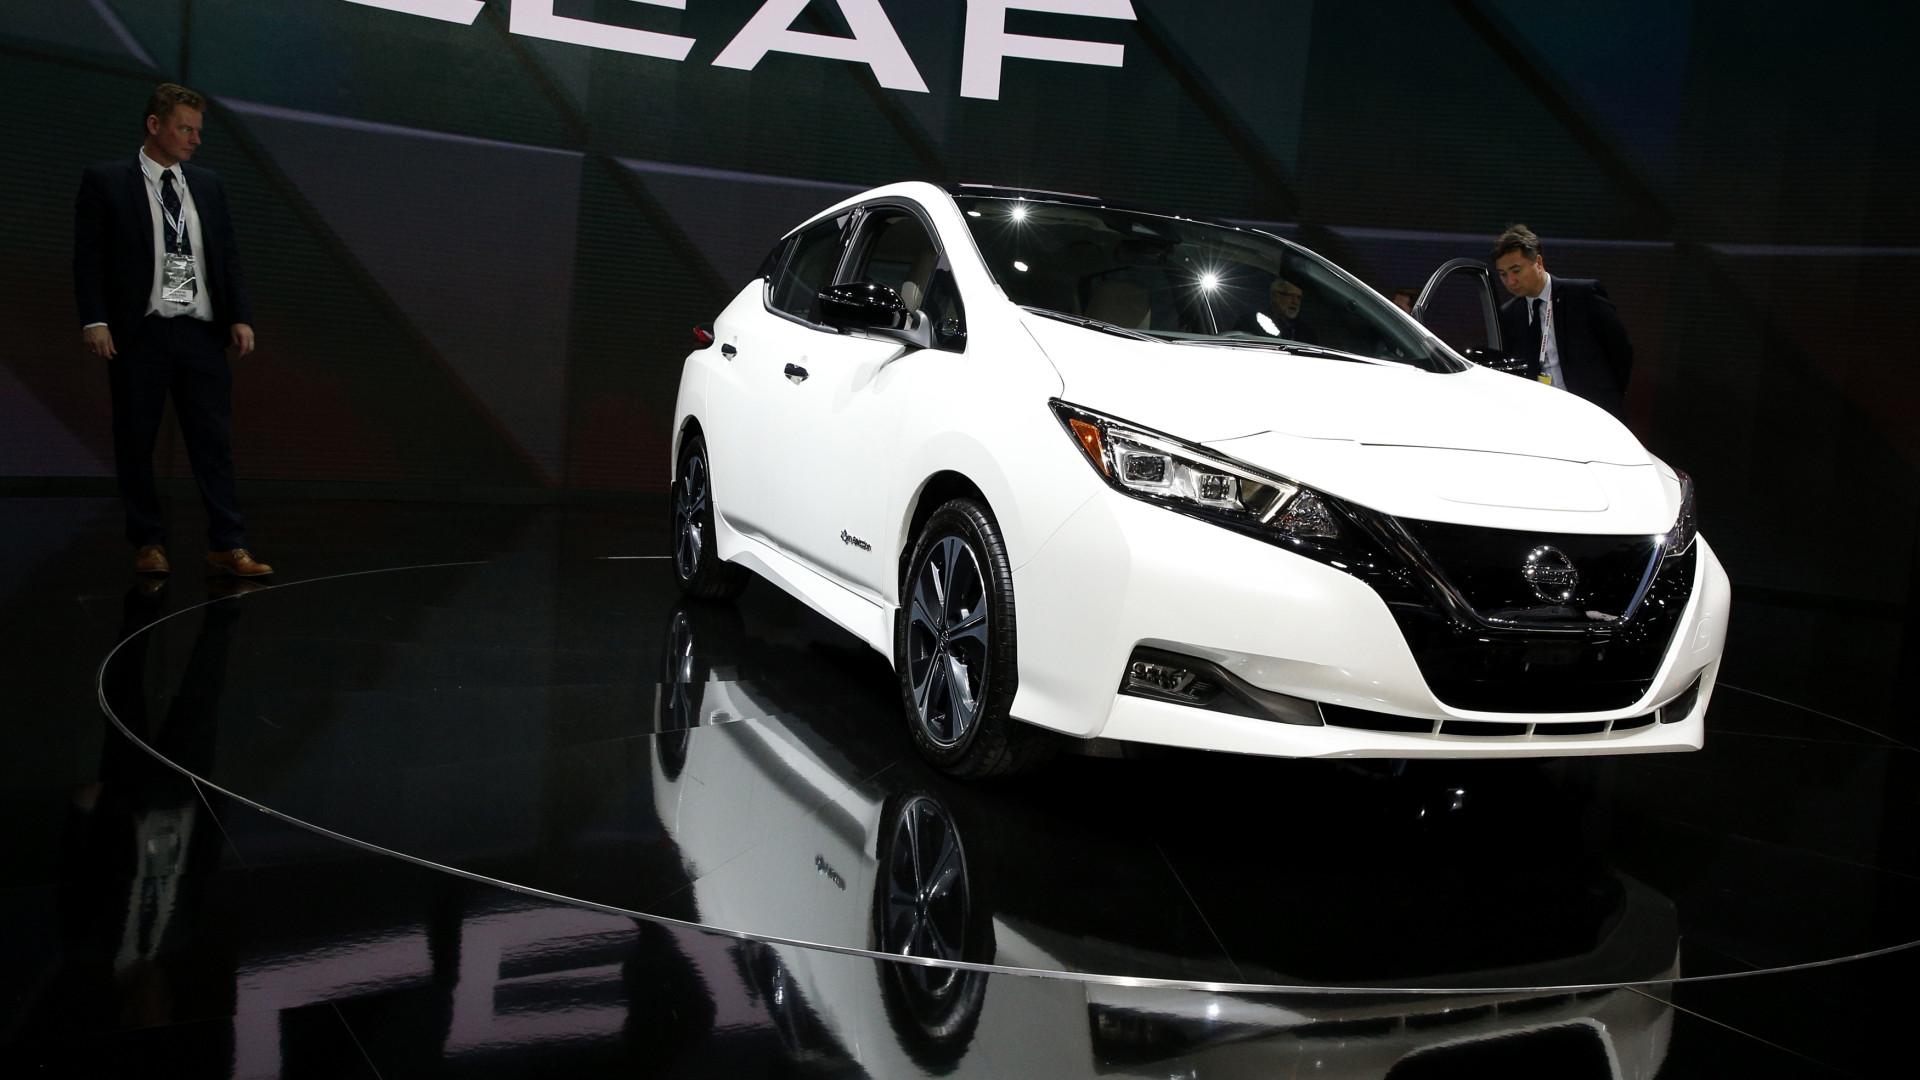 Está interessado no Nissan Leaf? Então o melhor é ser paciente